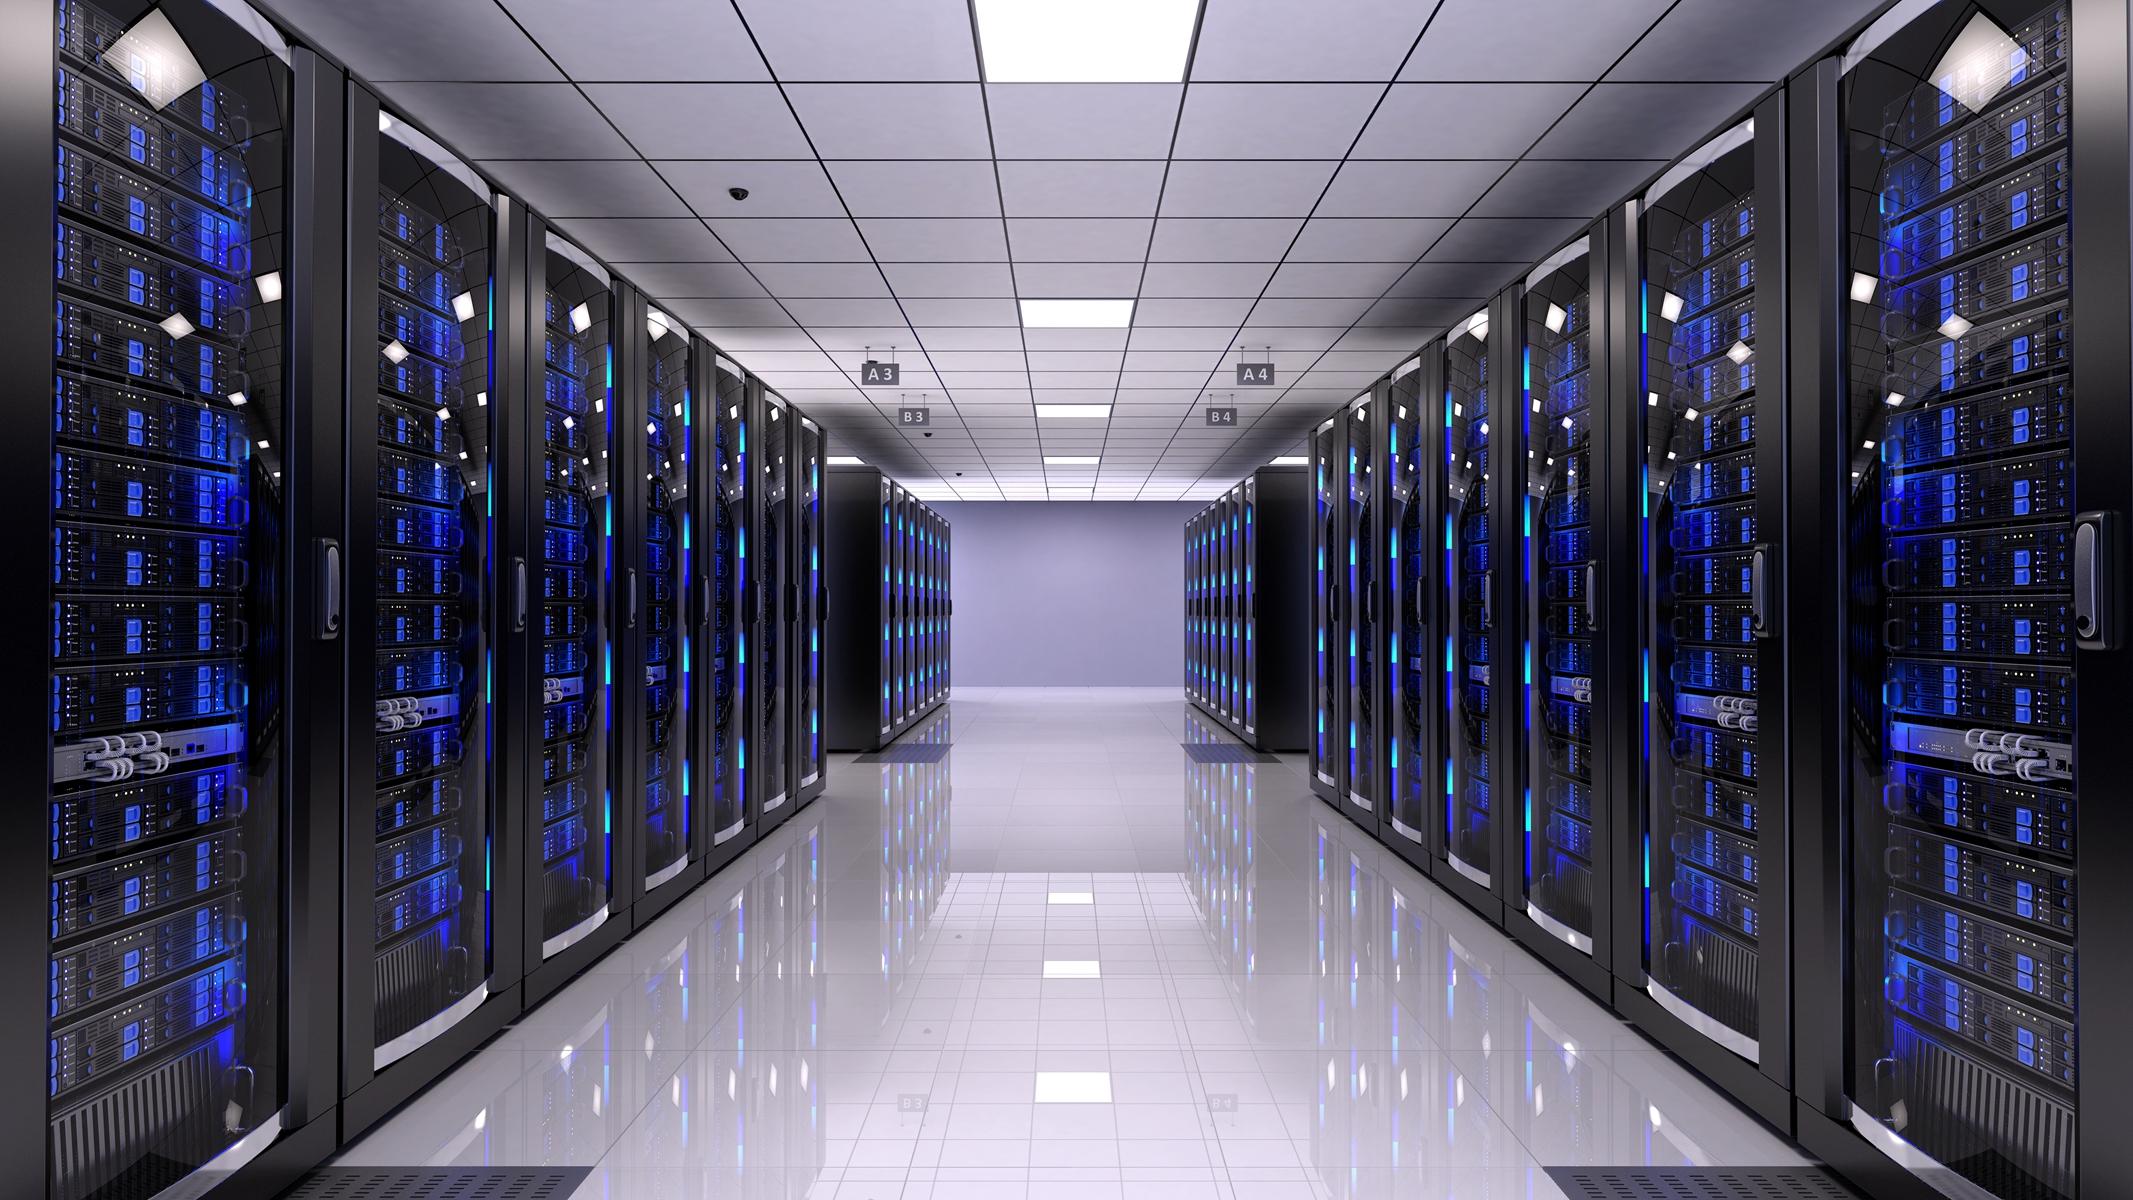 10個根服務器在美國,如果根服務器被關閉,我們會不會被斷網?